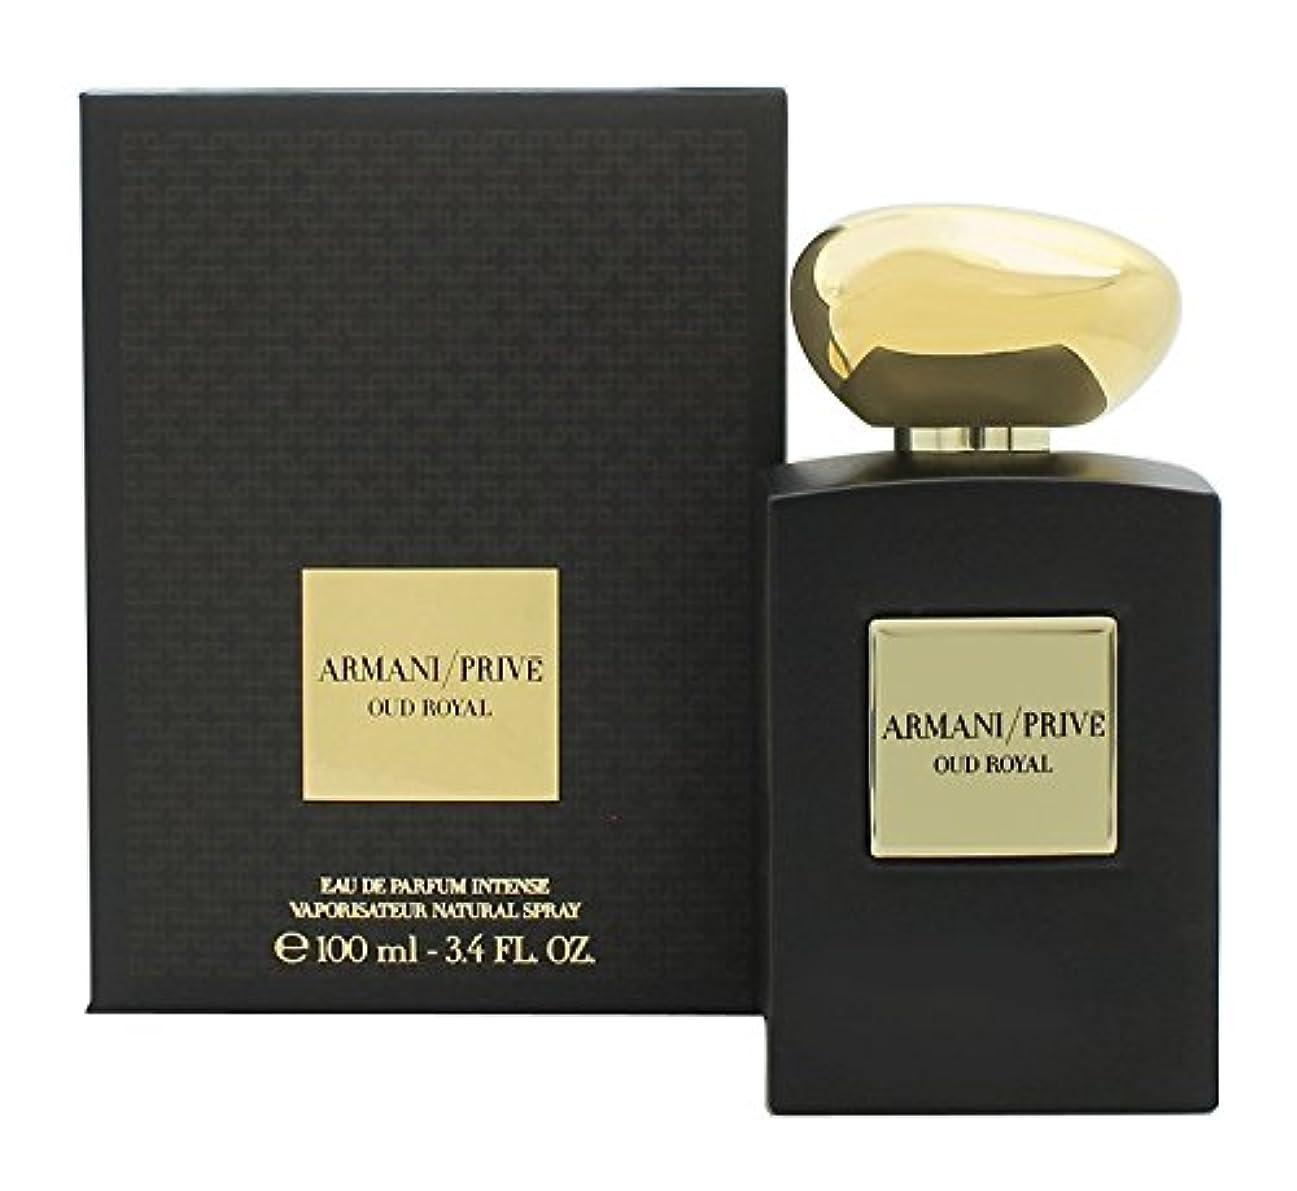 会議一瞬歩道ジョルジオアルマーニ Prive Oud Royal Eau De Parfum Intense Spray 100ml/3.4oz並行輸入品